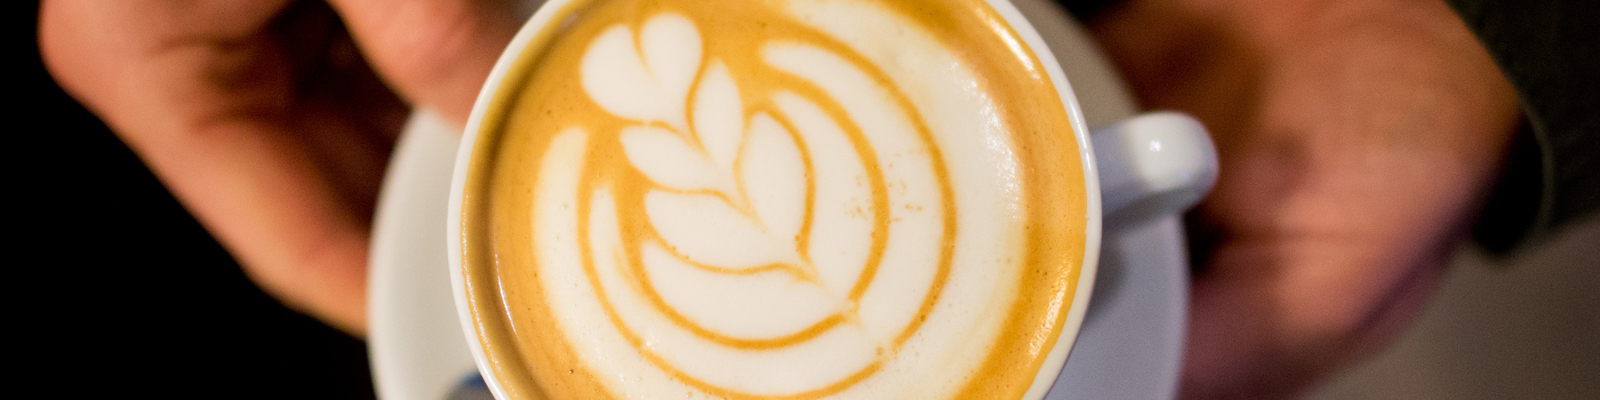 Ein laktosefreier, mit Sojamilch zubereiteter Cappuccino